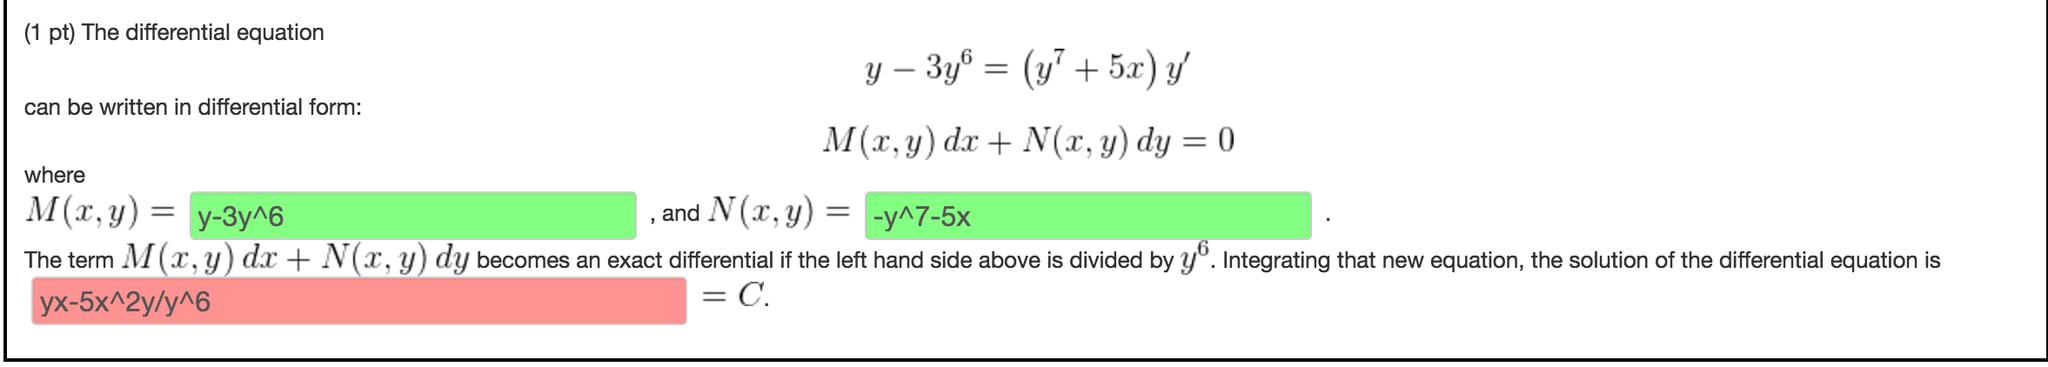 The Differential Equation Y - 3y^6 = (y^7 + 5x) Y'... | Chegg.com